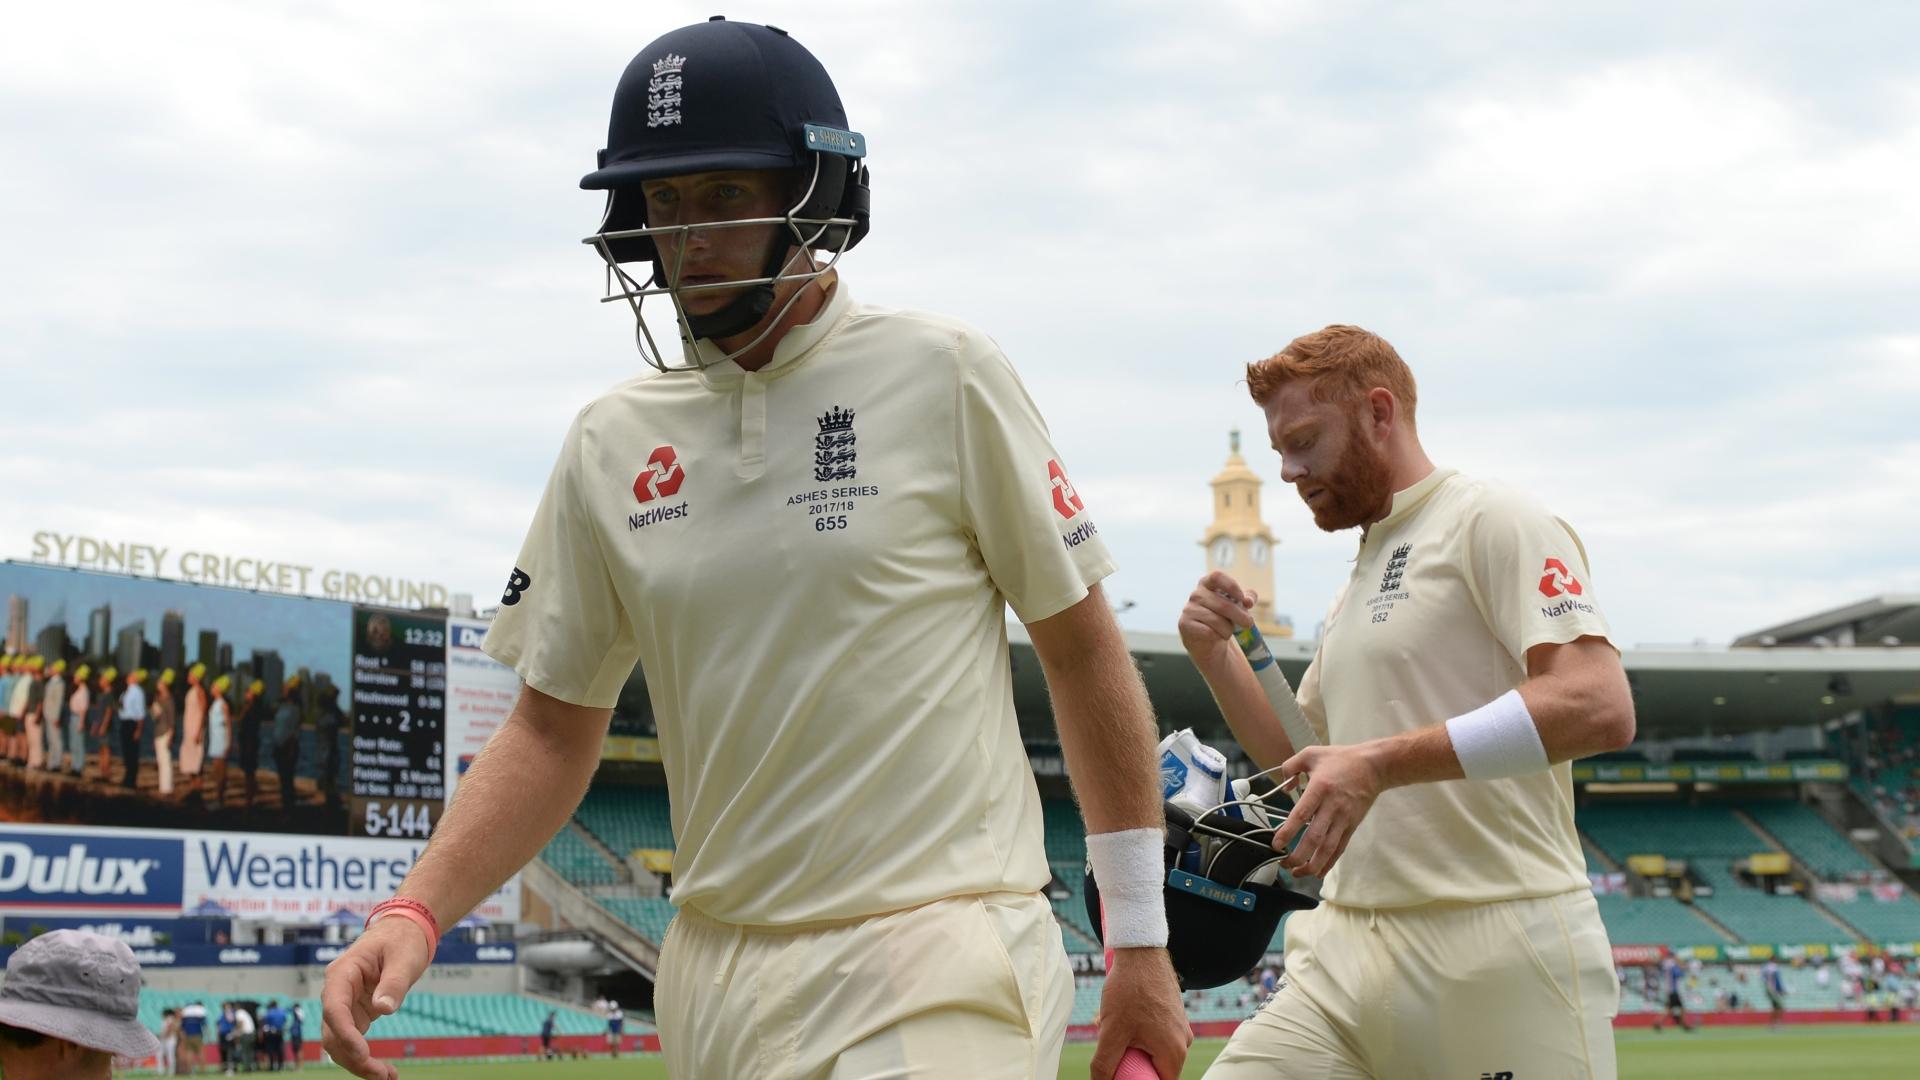 Full Scorecard of Australia vs England 5th Test 2018 - Score